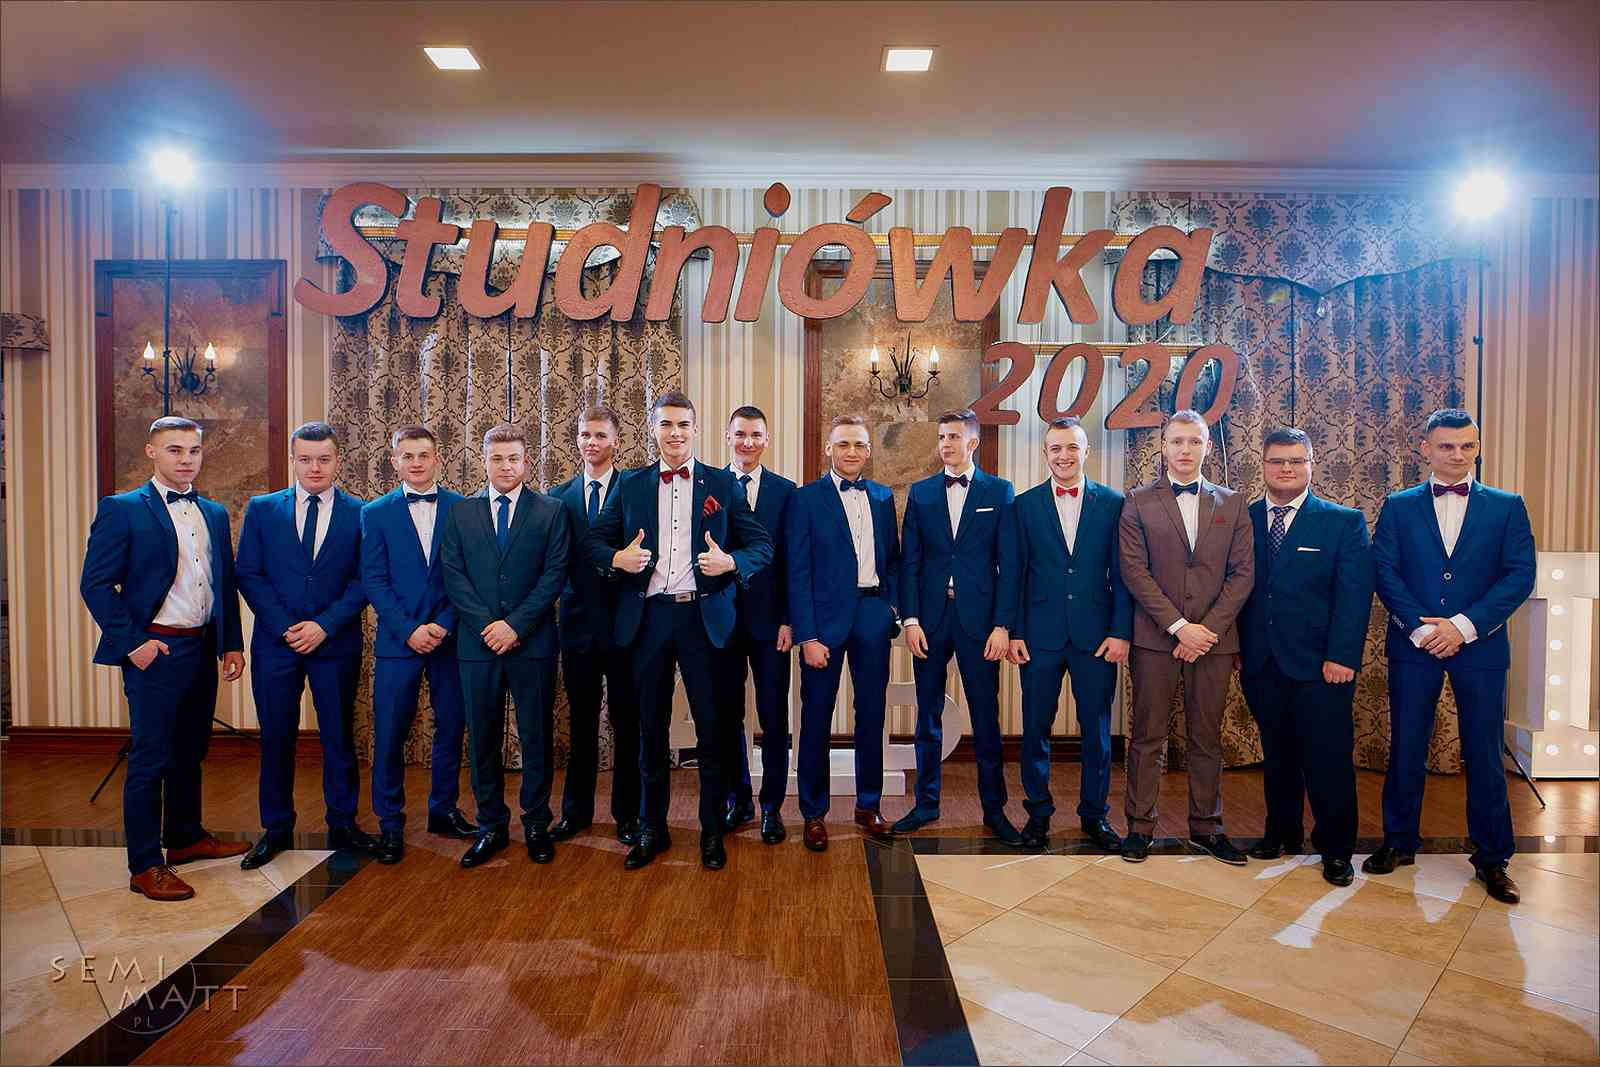 Studniówka 2020 (Zdjęcia udostępnione przez Semimatt.pl)